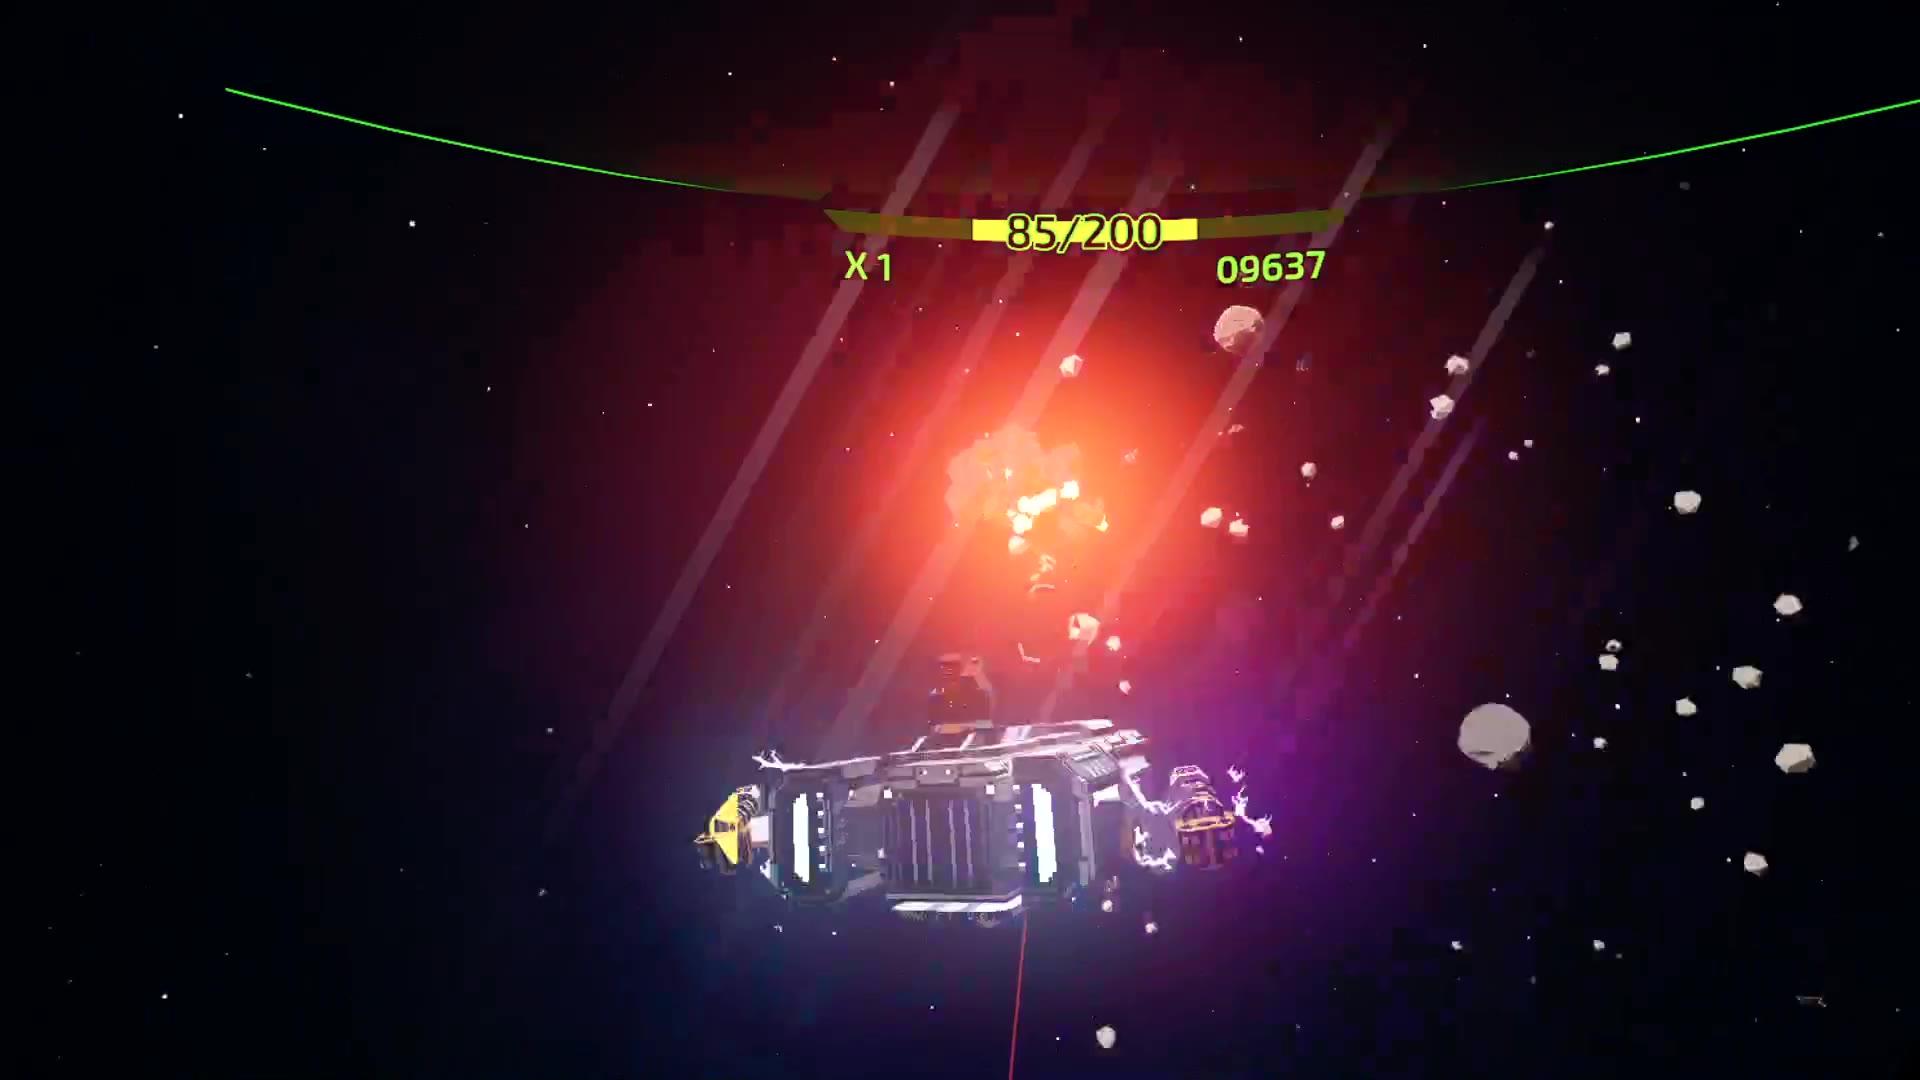 夜星联盟.VR游戏宇宙飞船星系大战